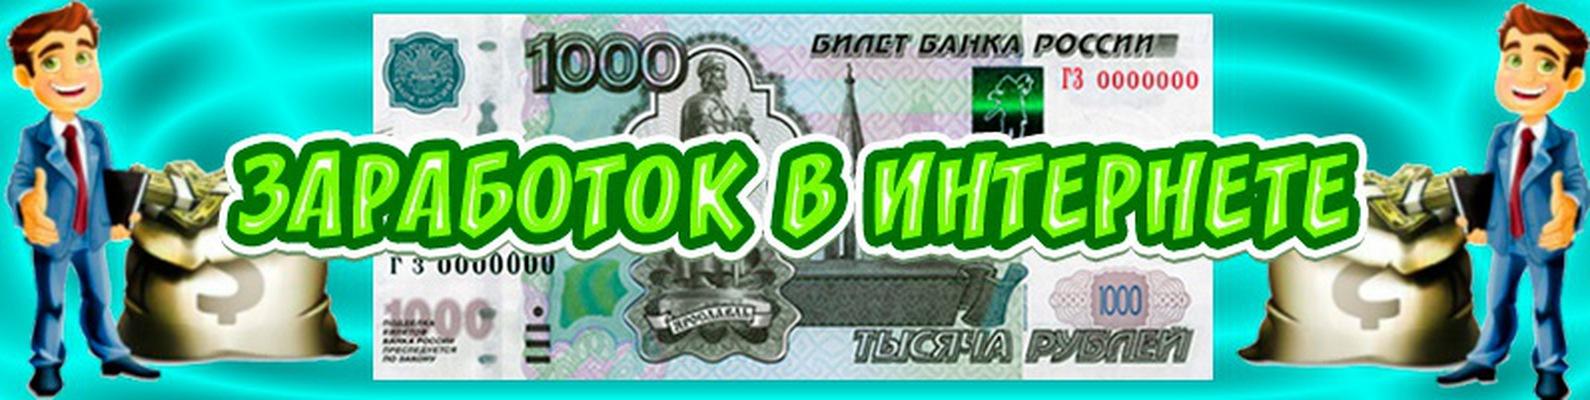 Лучшие хайп проекты украина